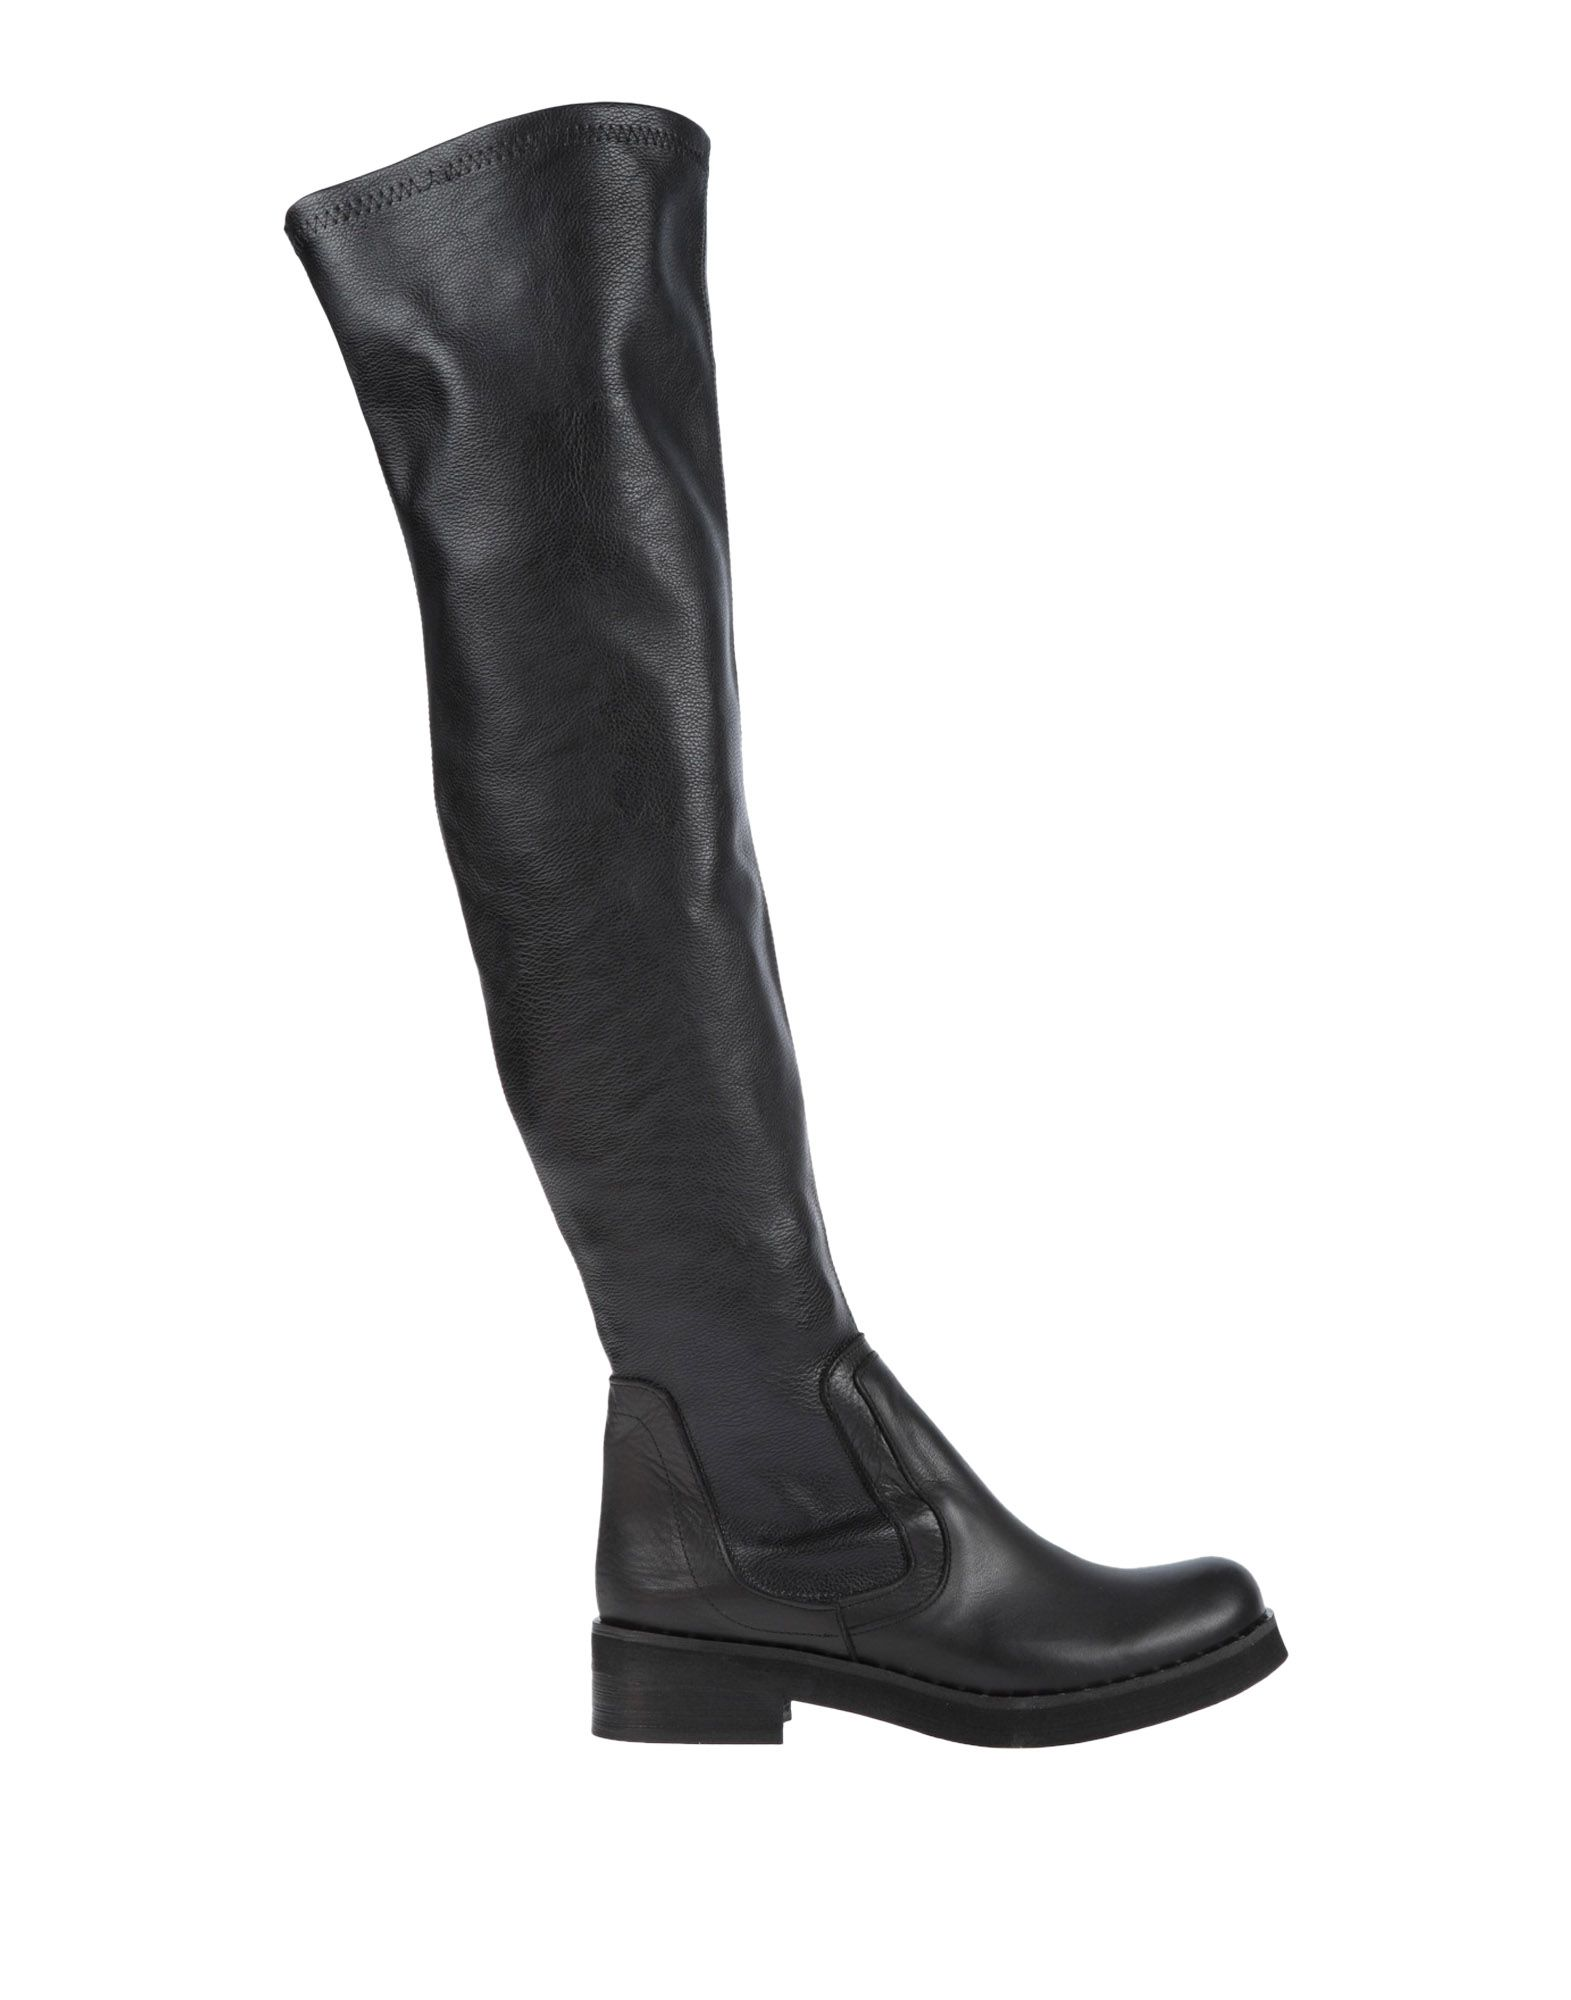 Sneakers Lanvin Uomo - 11362231XT Scarpe economiche e buone